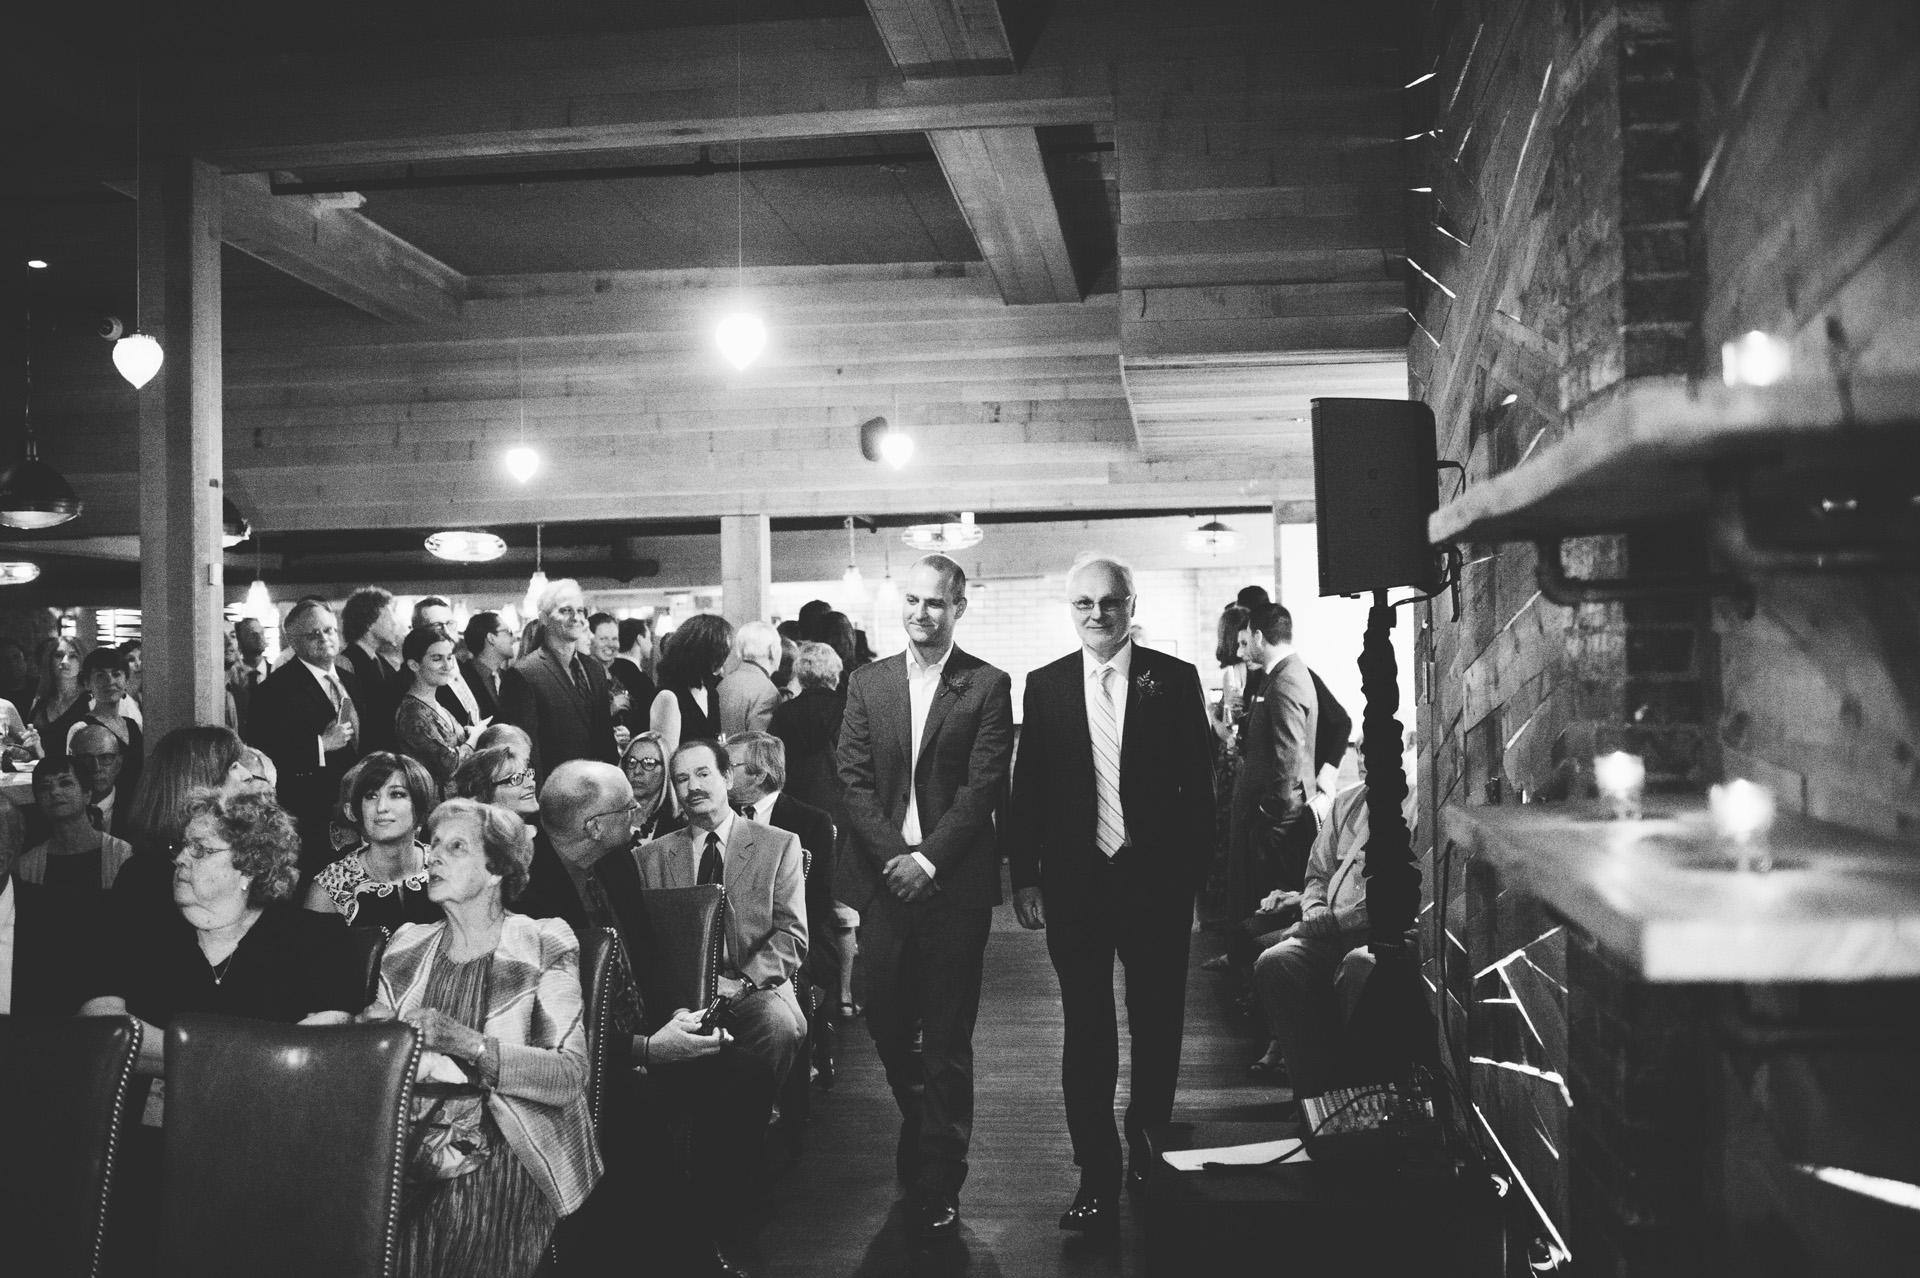 alden-harlow-wedding-photographer-39